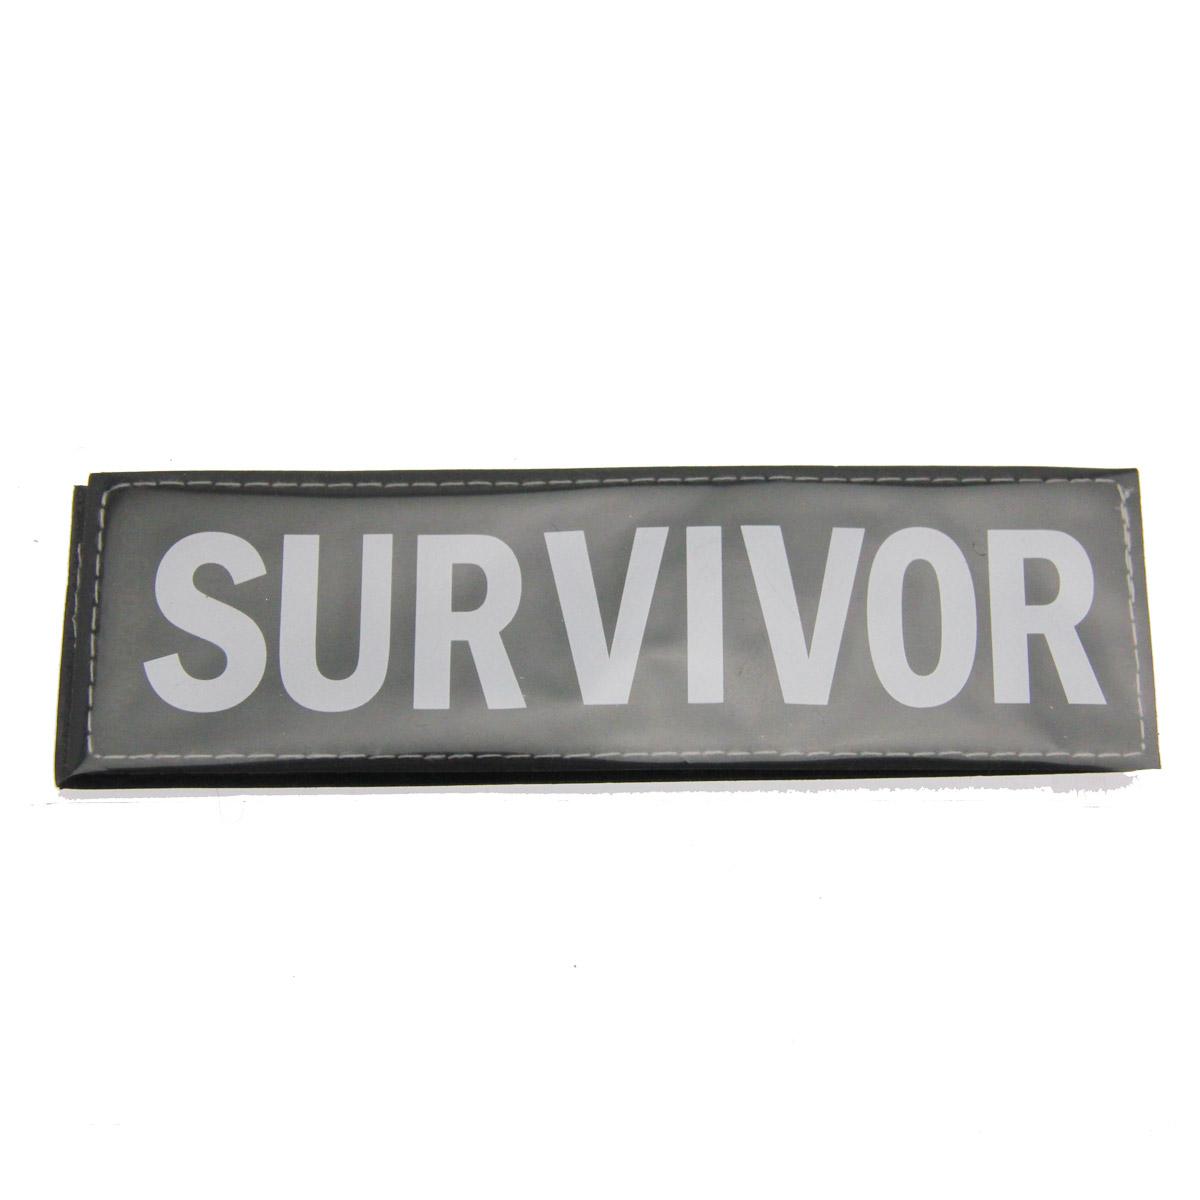 EzyDog Side Patches for Convert Harness - Survivor